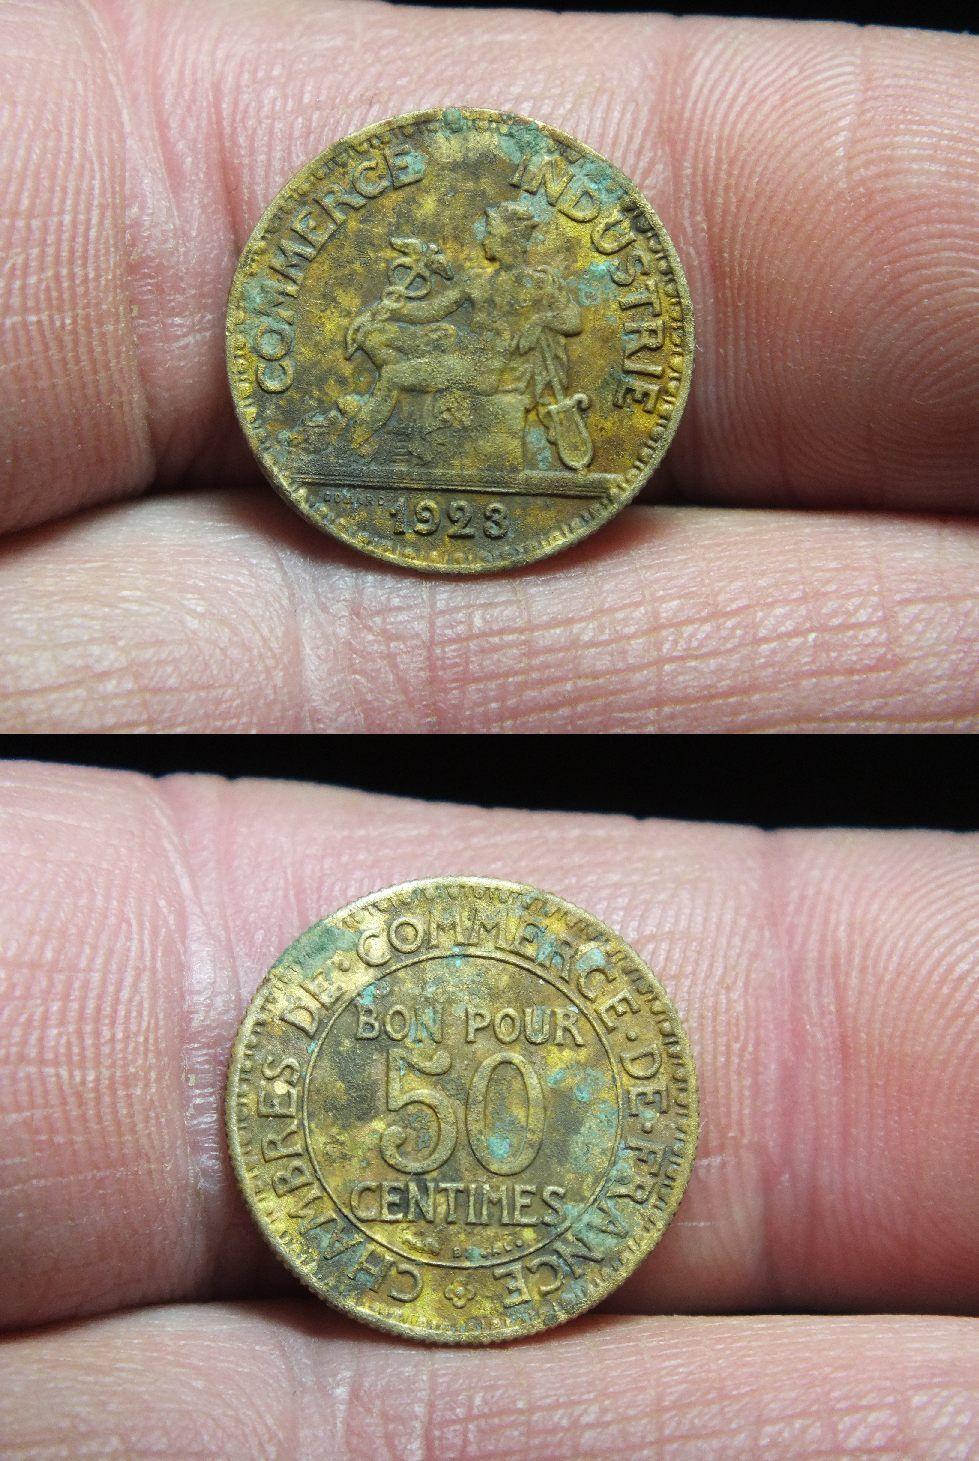 Chambre de commerce bon pour 50 centimes 1923 for Bon pour 1 franc chambre de commerce